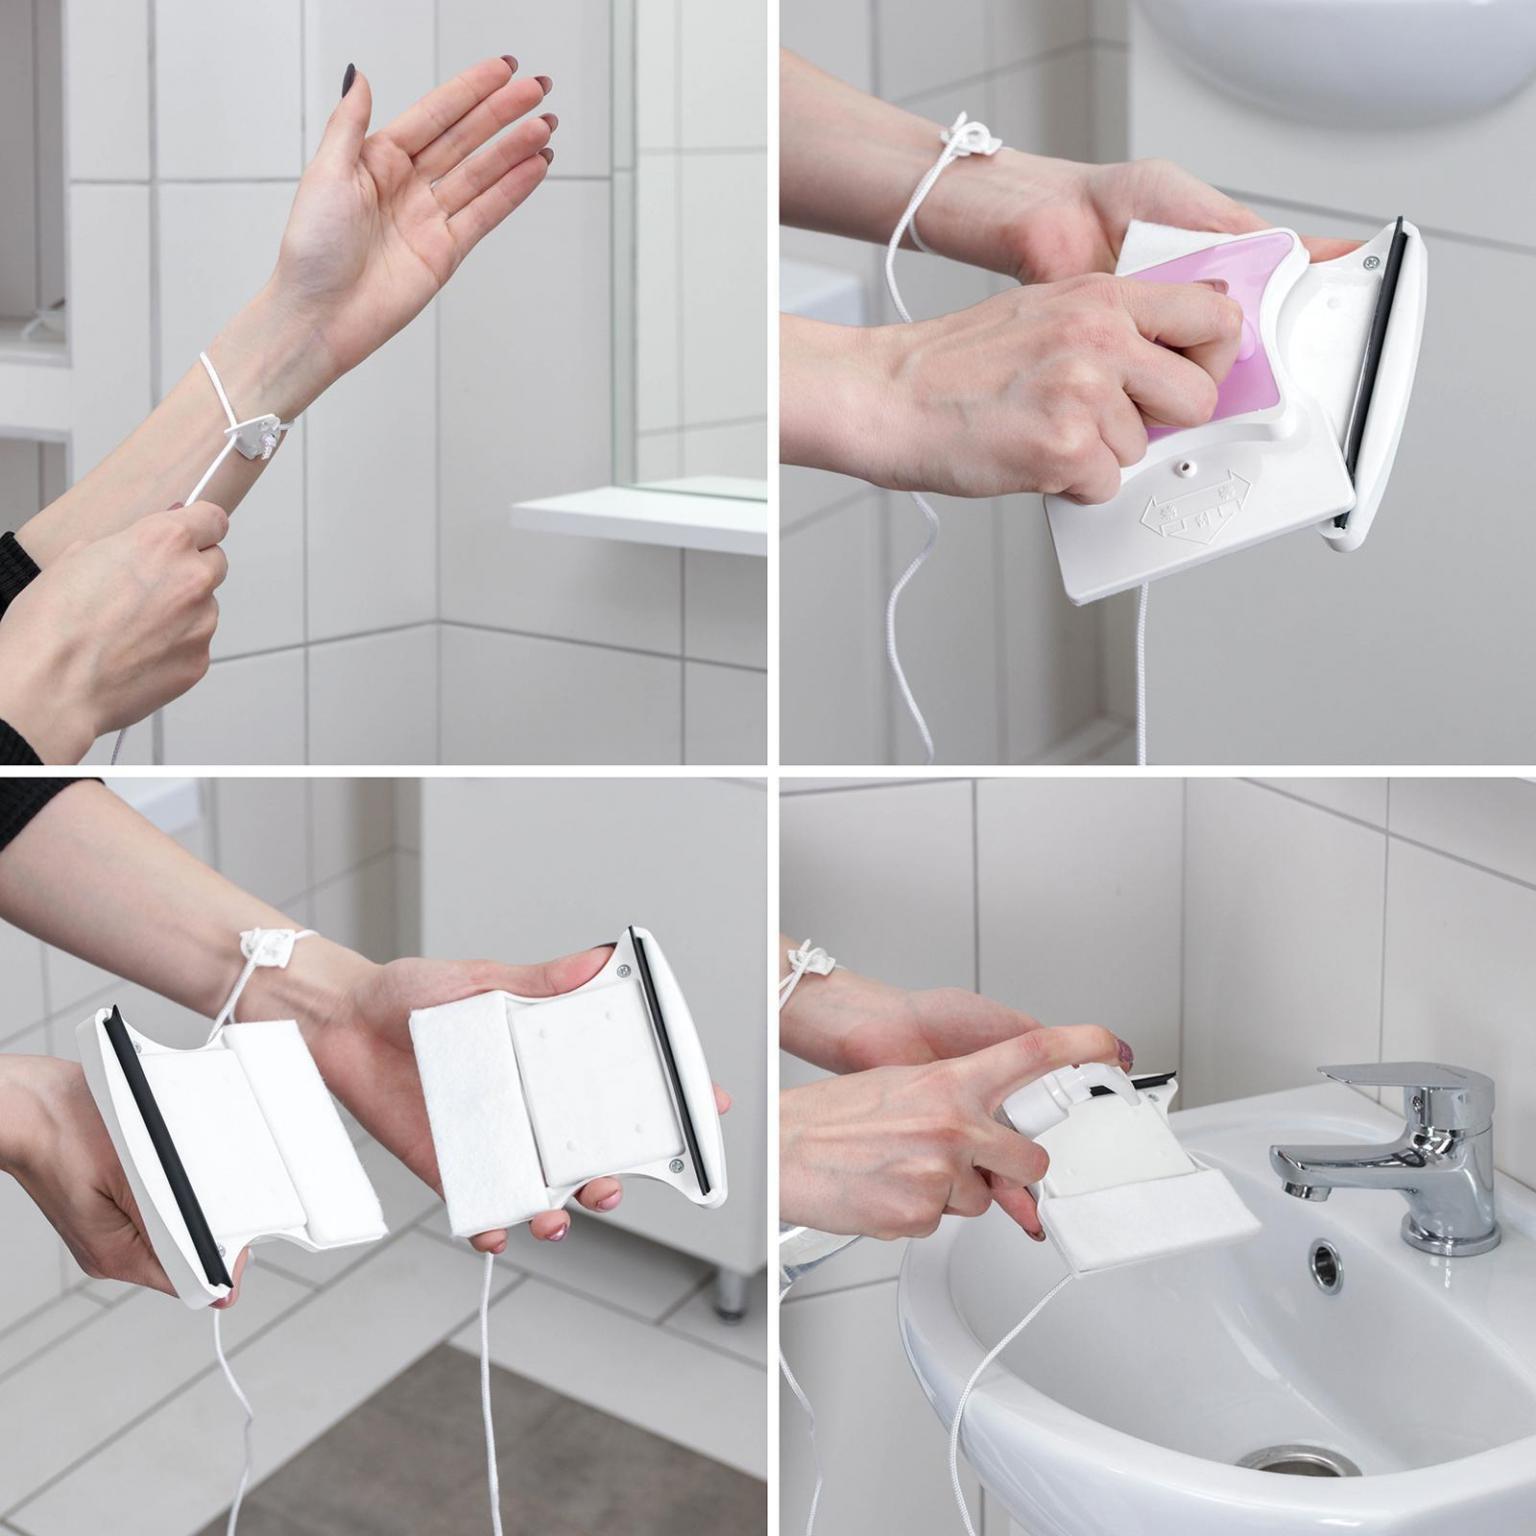 Магнитная щётка для мытья окон с двух сторон, с водосгоном, 15-24 мм